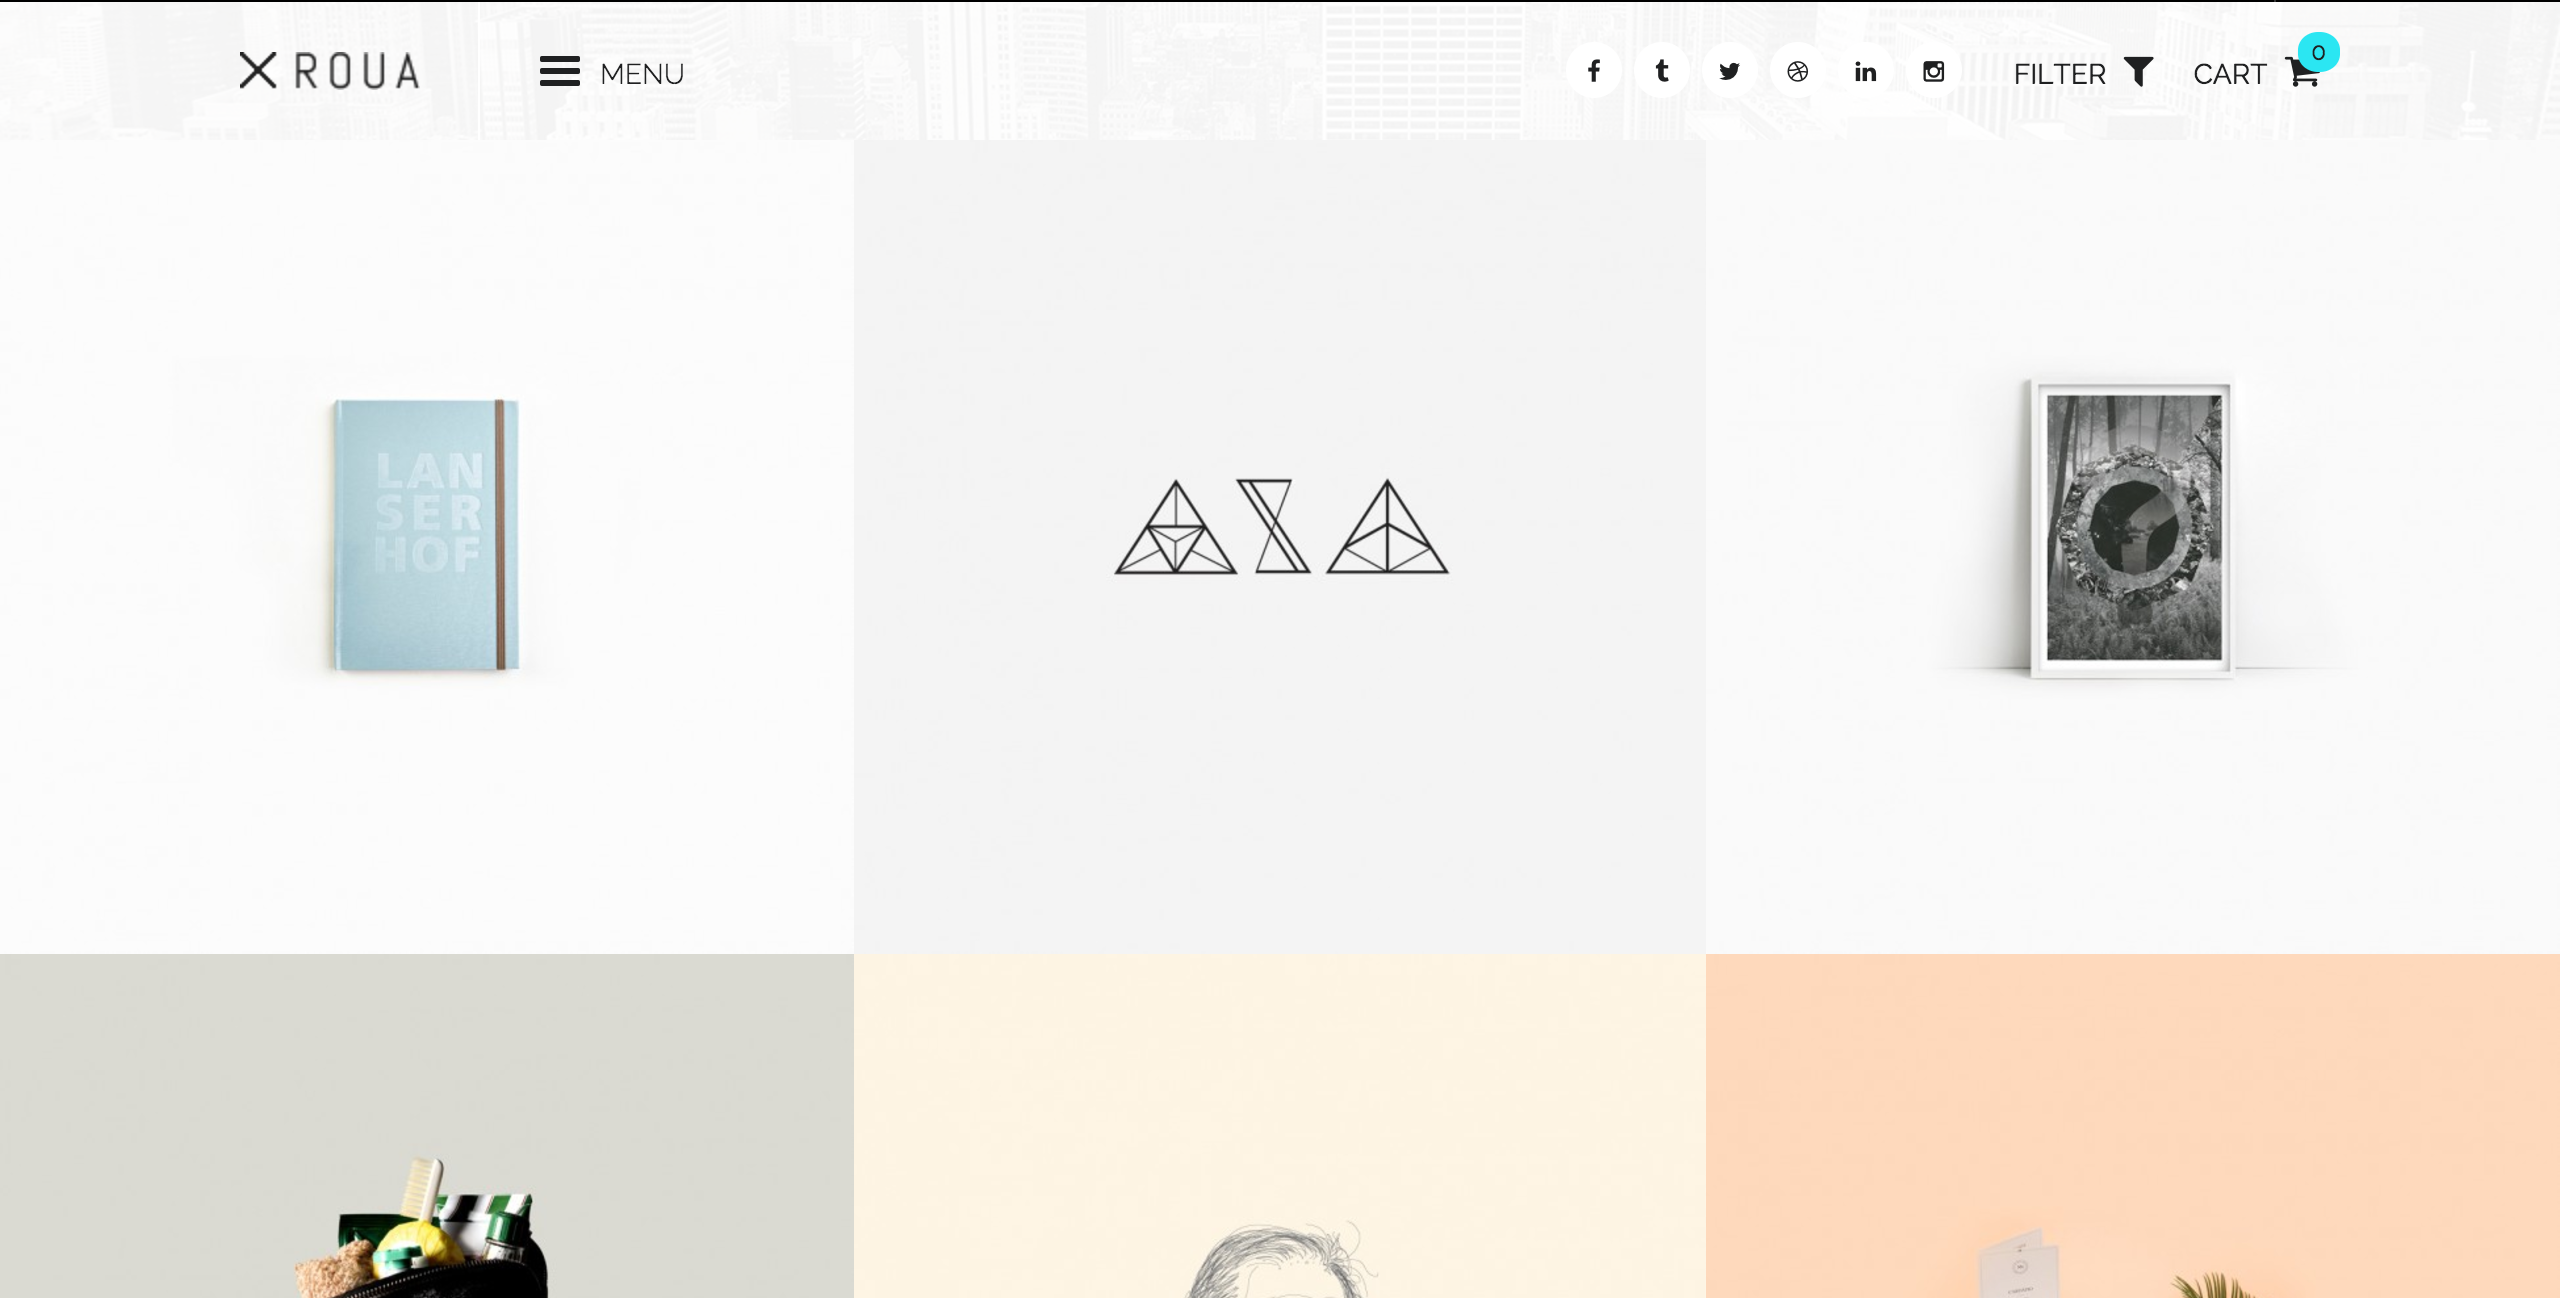 Screenshot of ROUA theme